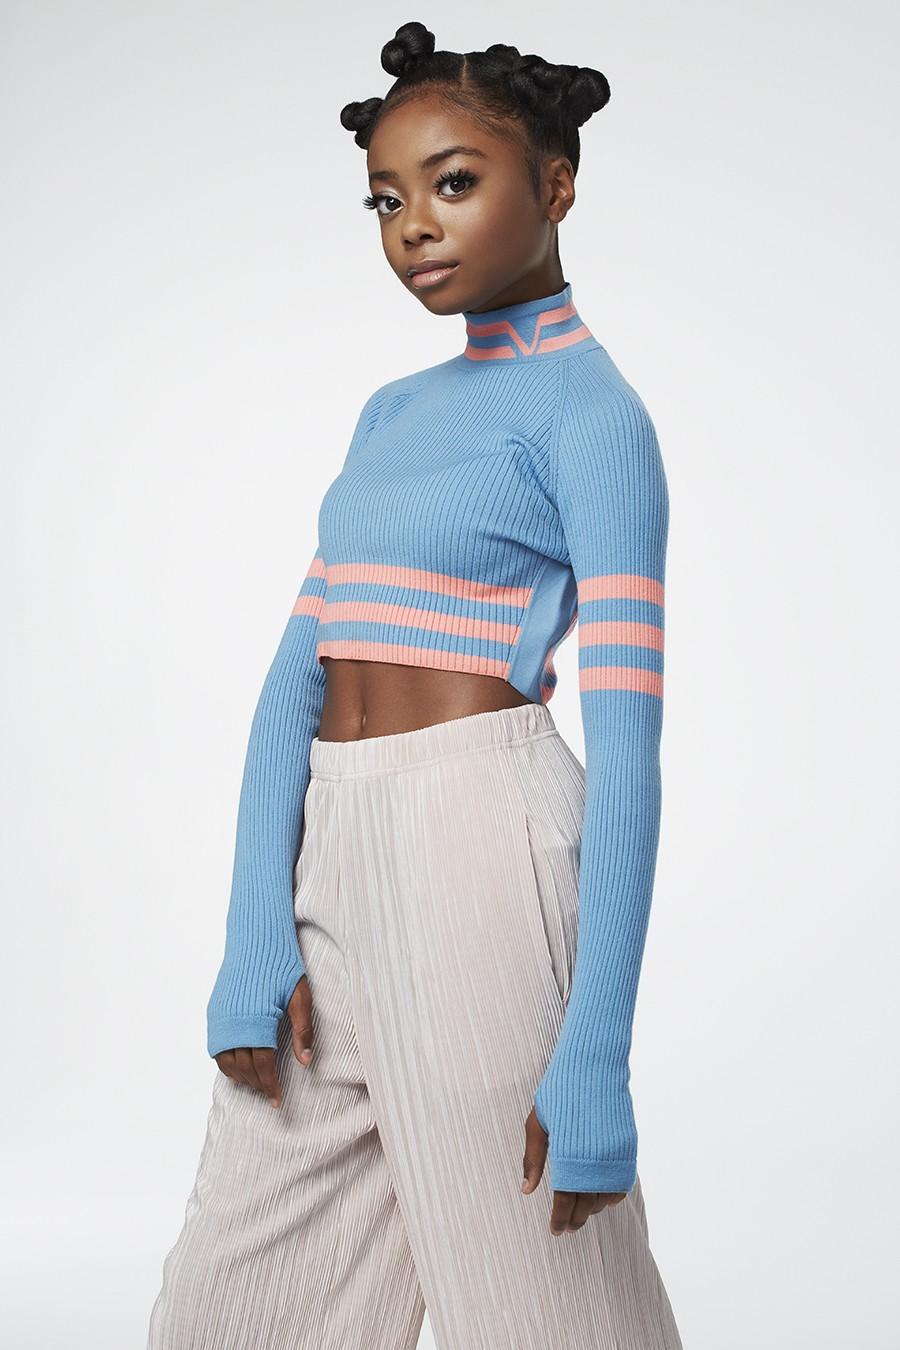 Skai Jackson Slayed Her Paper Magazine Photoshoot Amp We